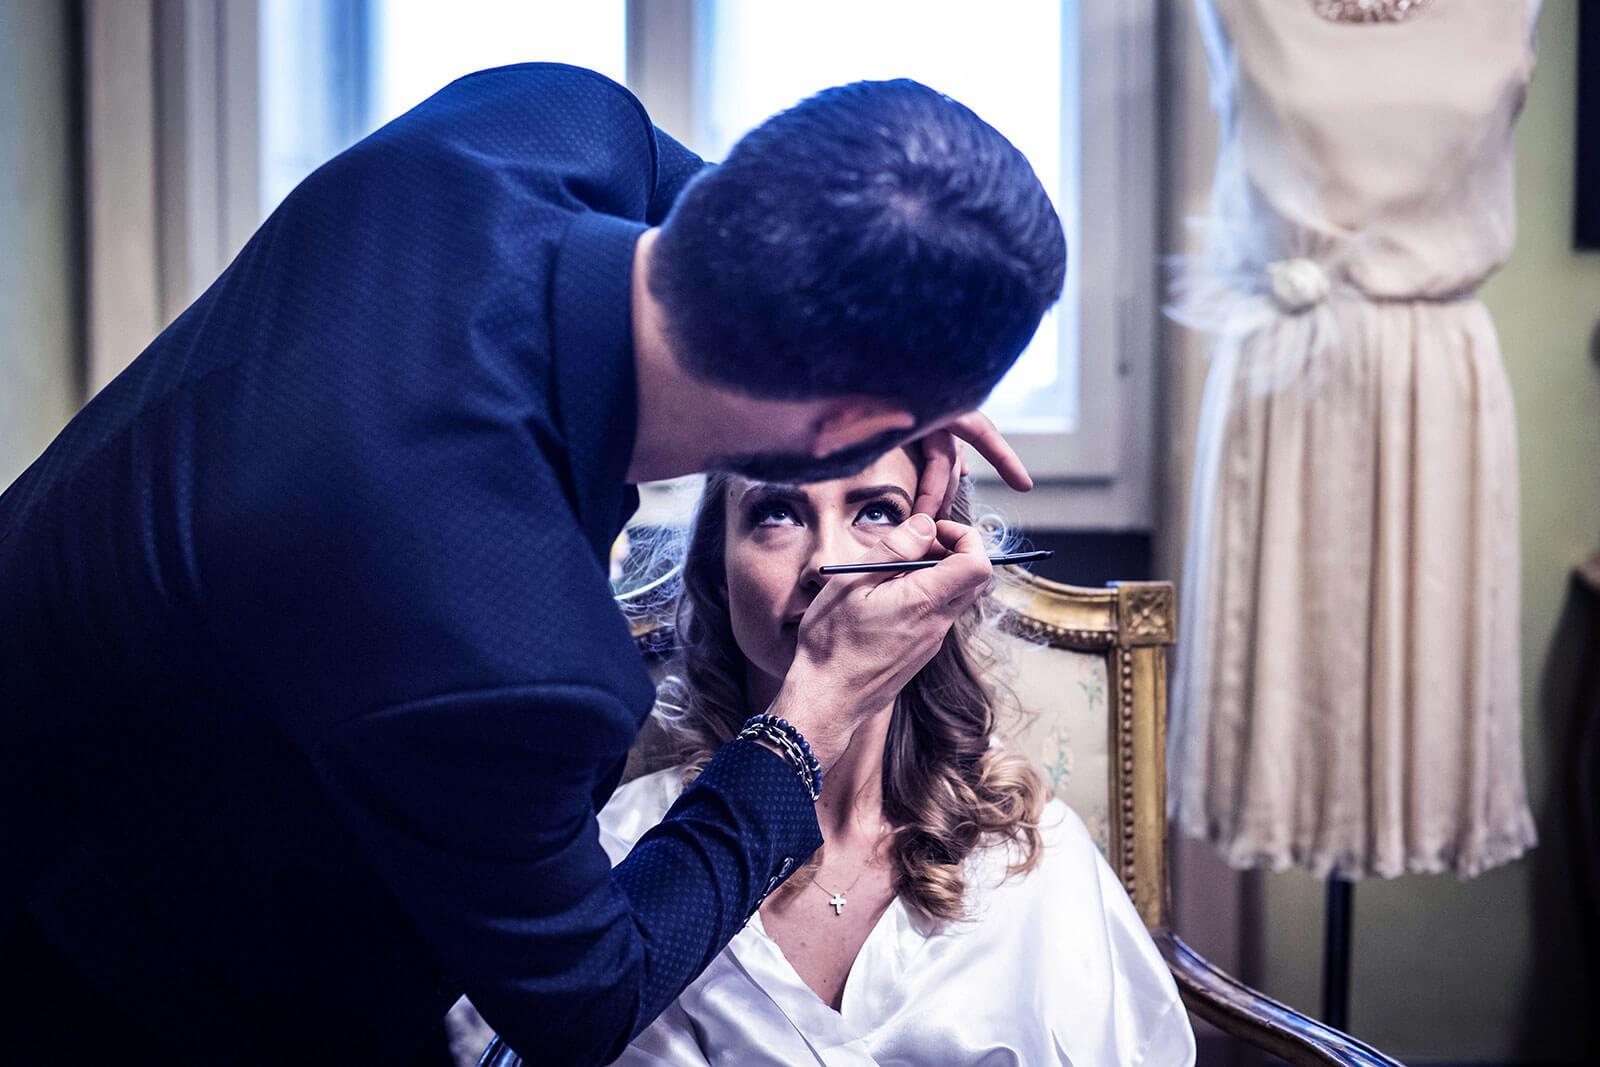 imago-equipe-sebastiano-attardo-concepr-store-deluxe-fashion-beauty-parrucchiere-milano-acconciatura-sposa